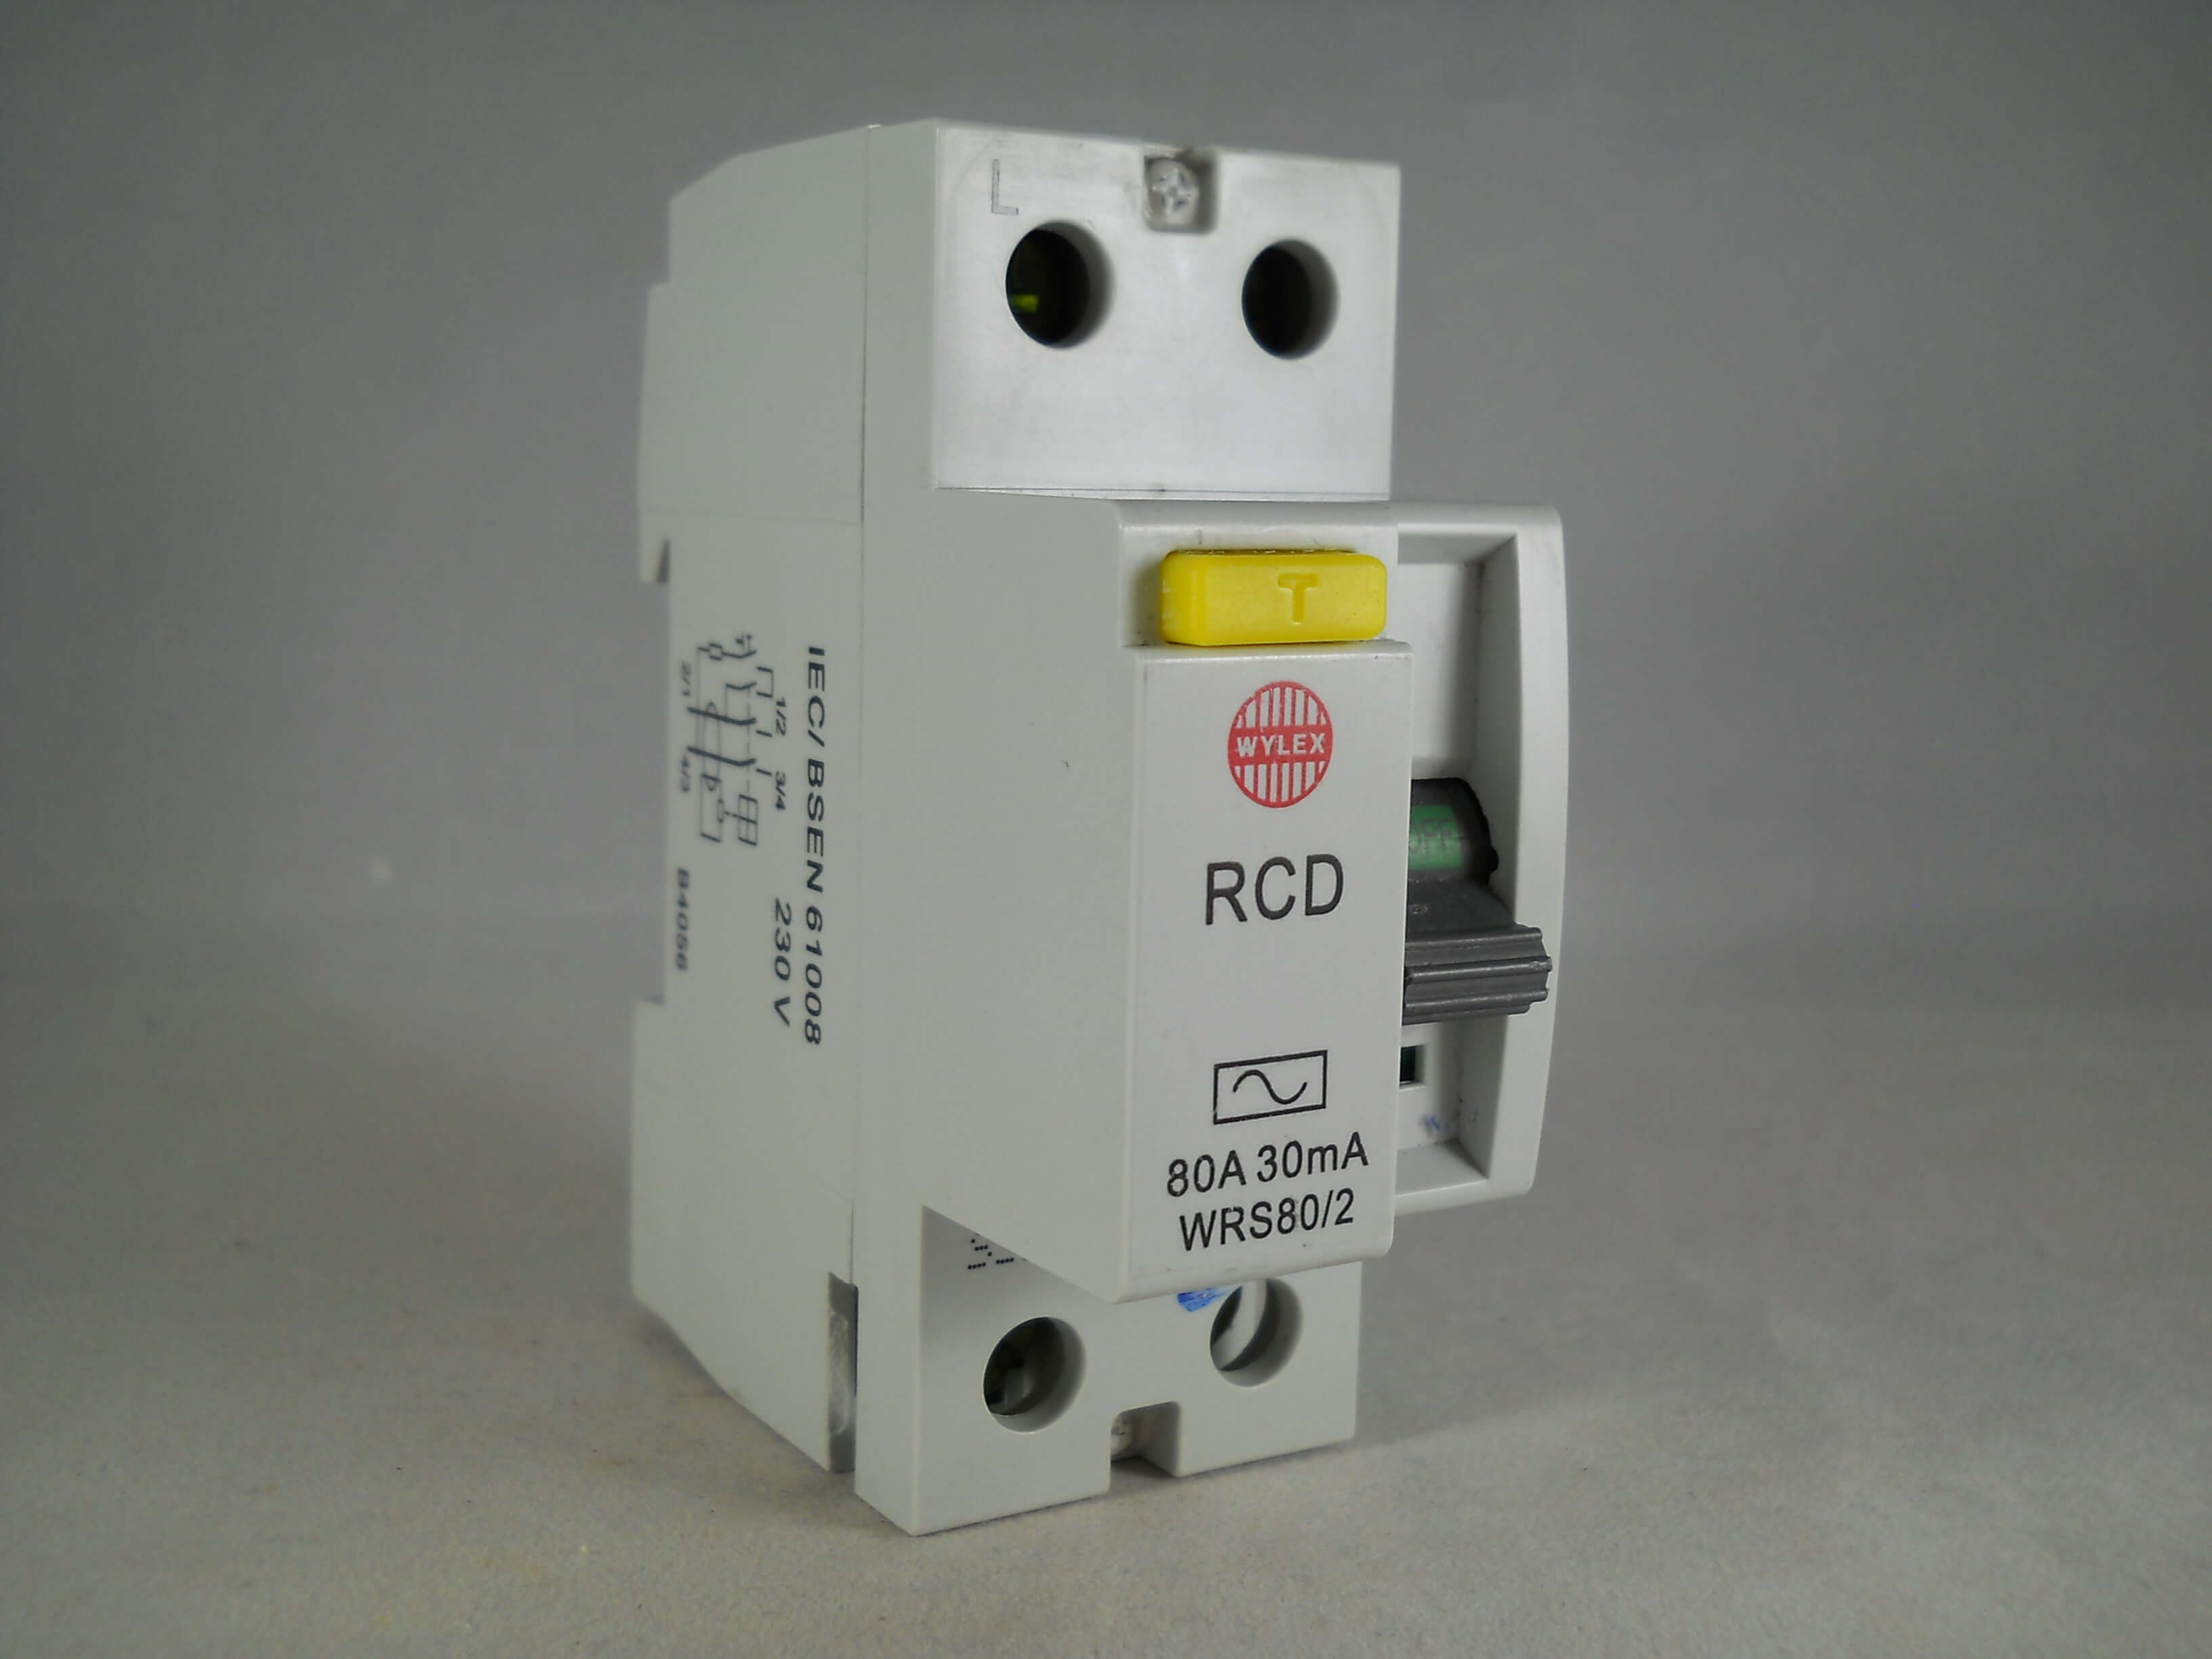 wylex fuse box rcd wiring diagram transformer box wylex fuse box rcd wiring diagramwylex rcd 80 amp 30ma double pole 80a rccb trip wrs80